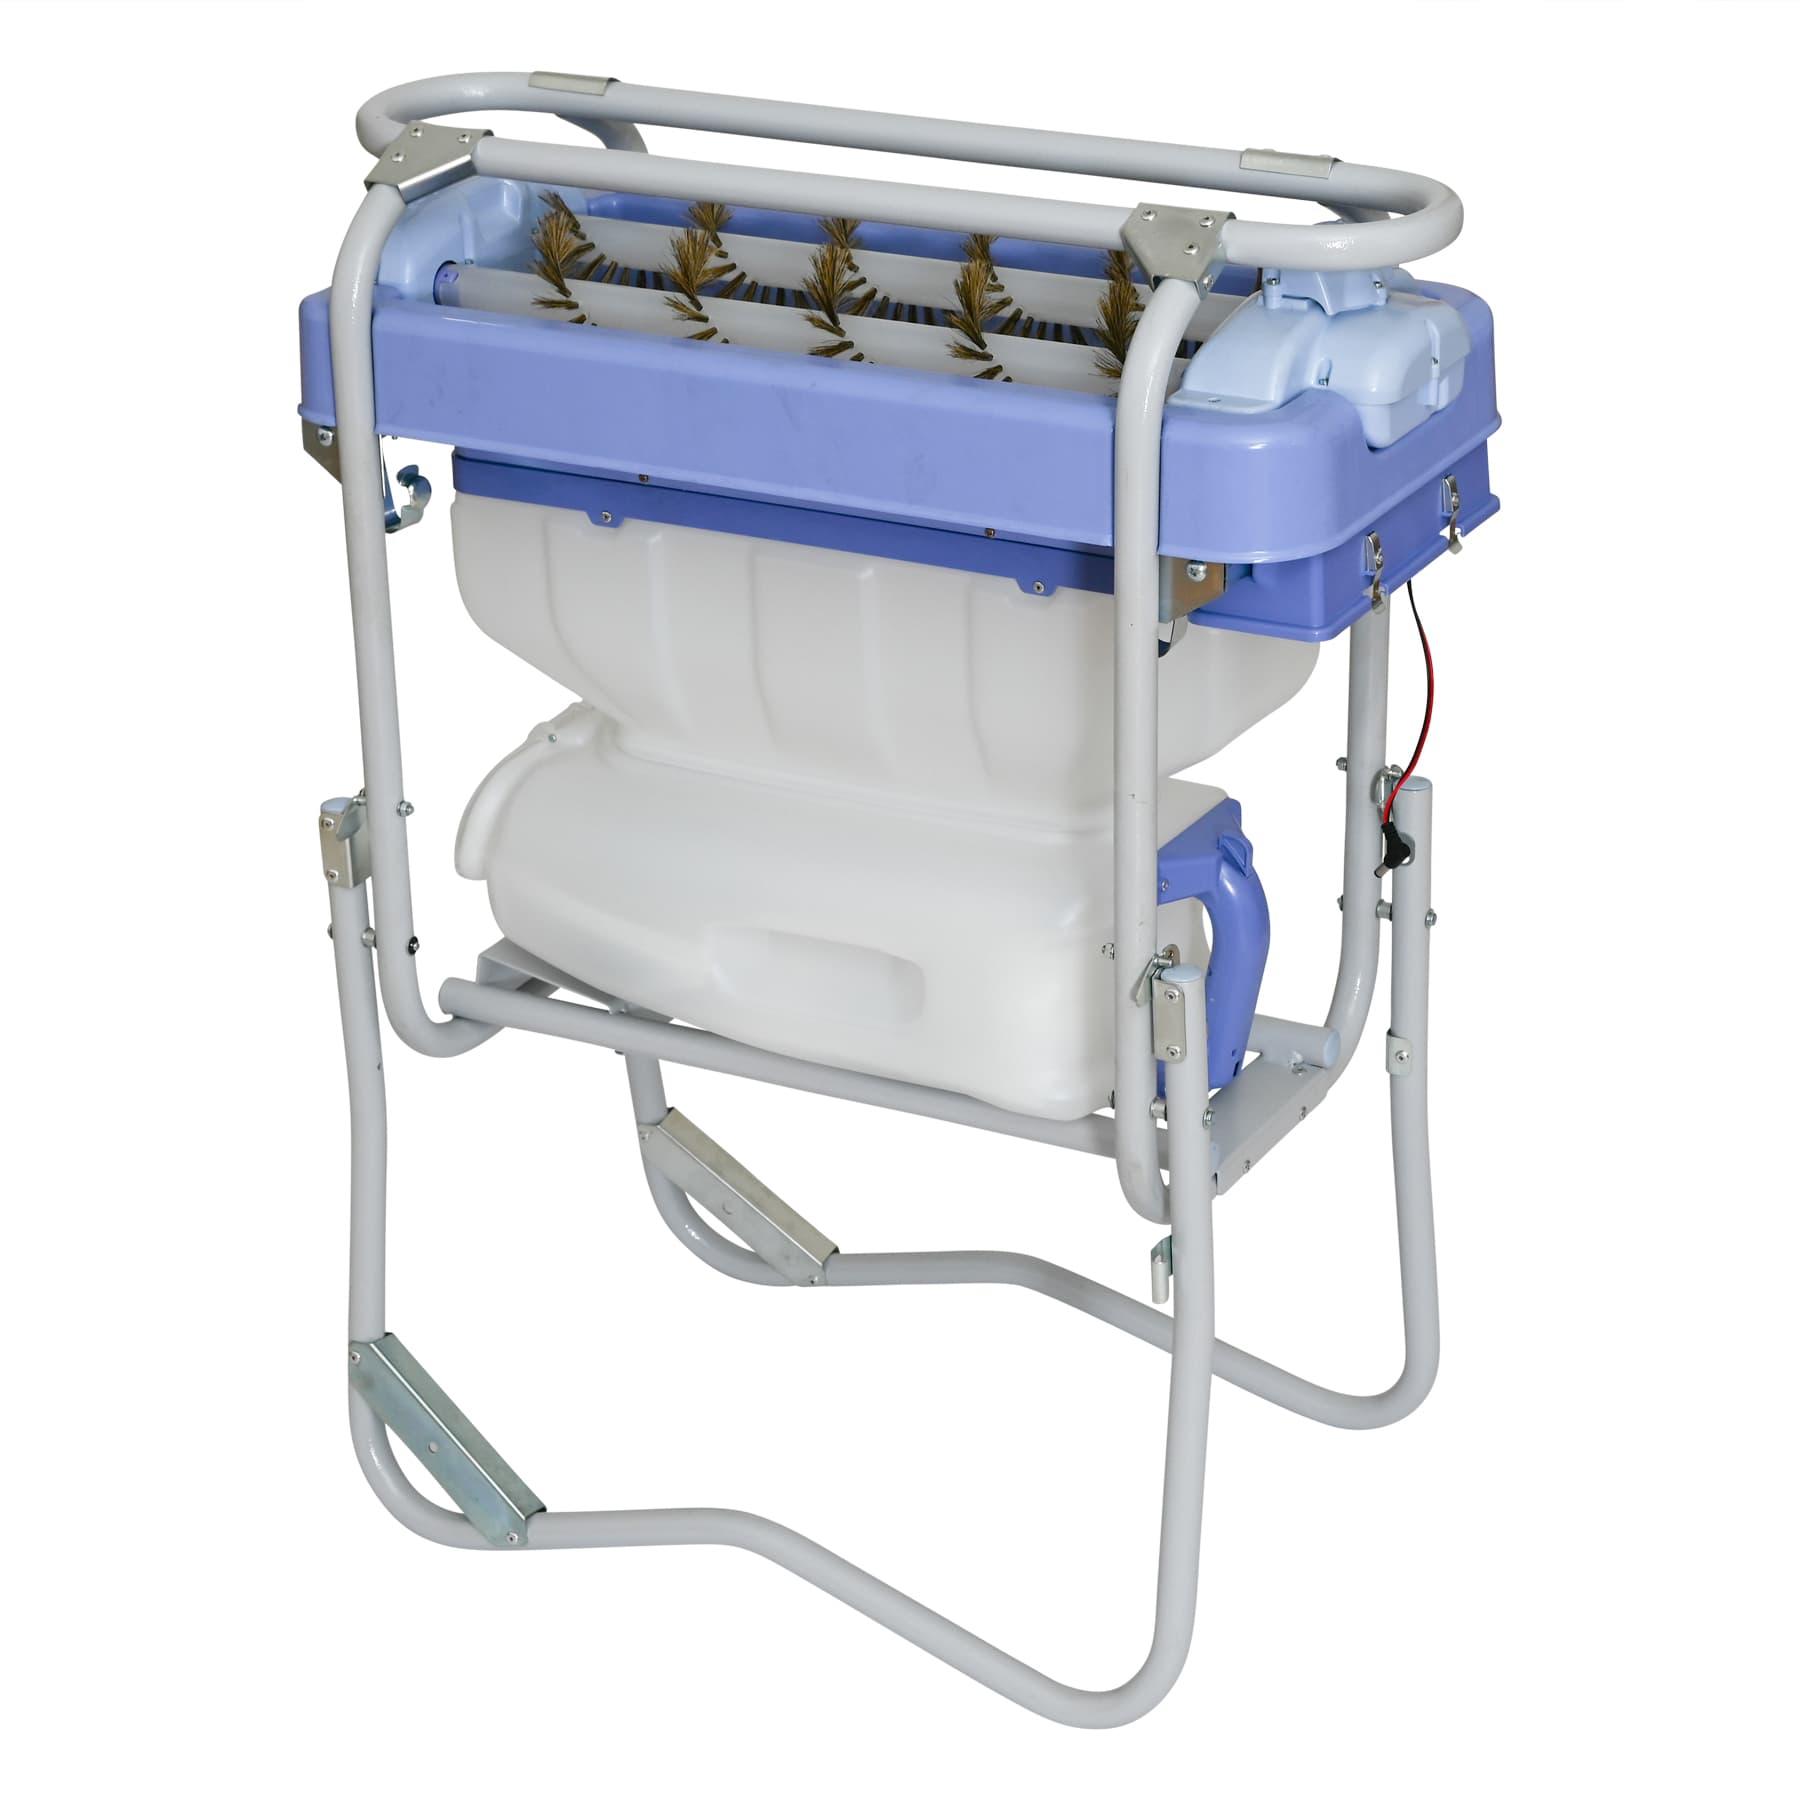 """Abkehr-Maschine """"Bee Sweeper"""" mit Akkubetrieb und Auffangbehälter, ideal zur Kunstschwarmbildung und Honigernte"""